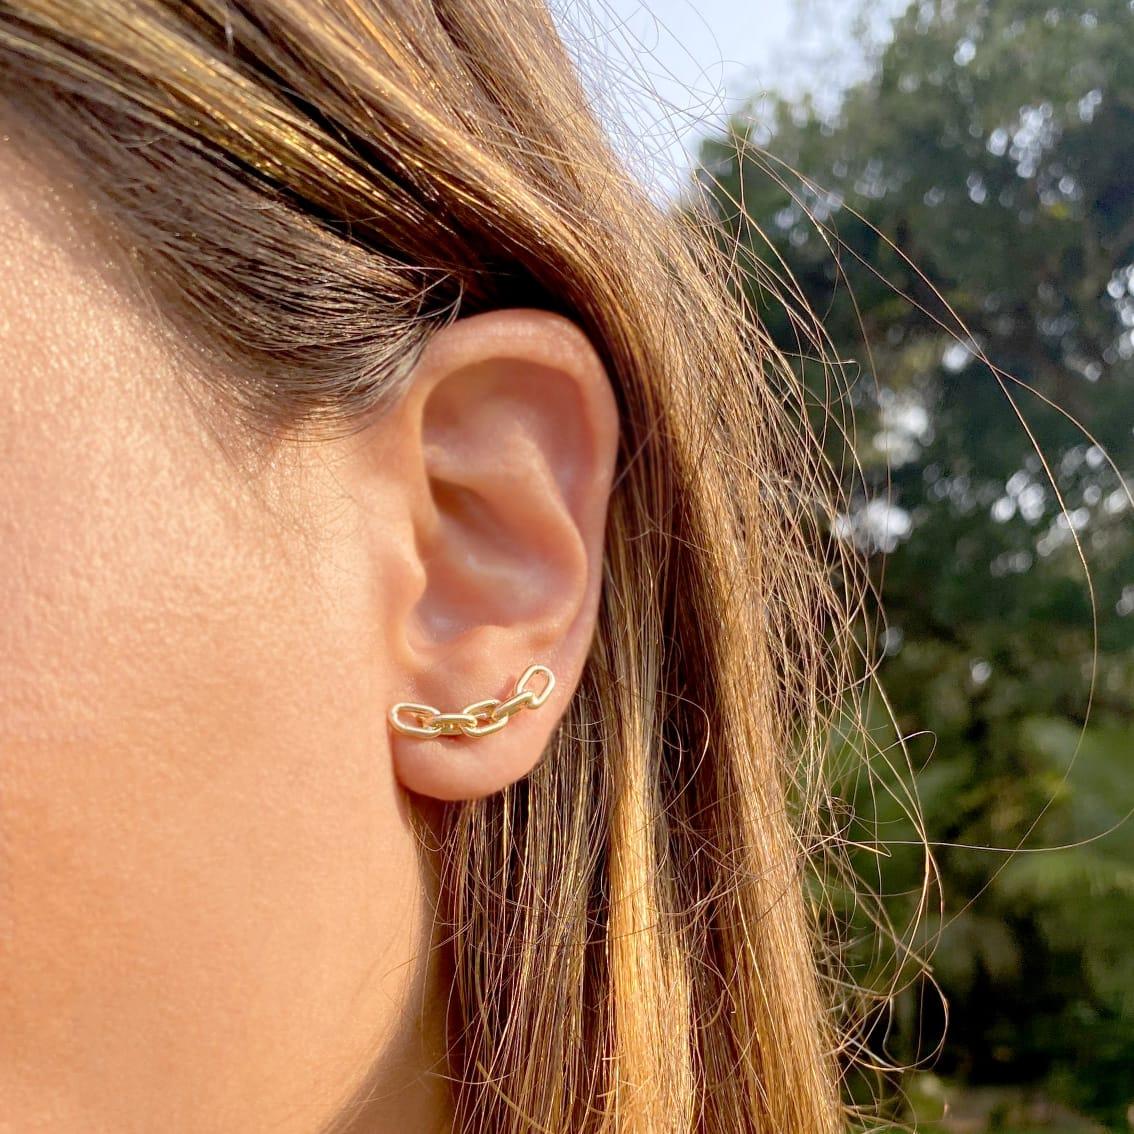 Conjunto Ear Cuff Elos Entrelaçado Liso Banho de Ouro 18K + Anel Correntaria Elos Entrelaçados